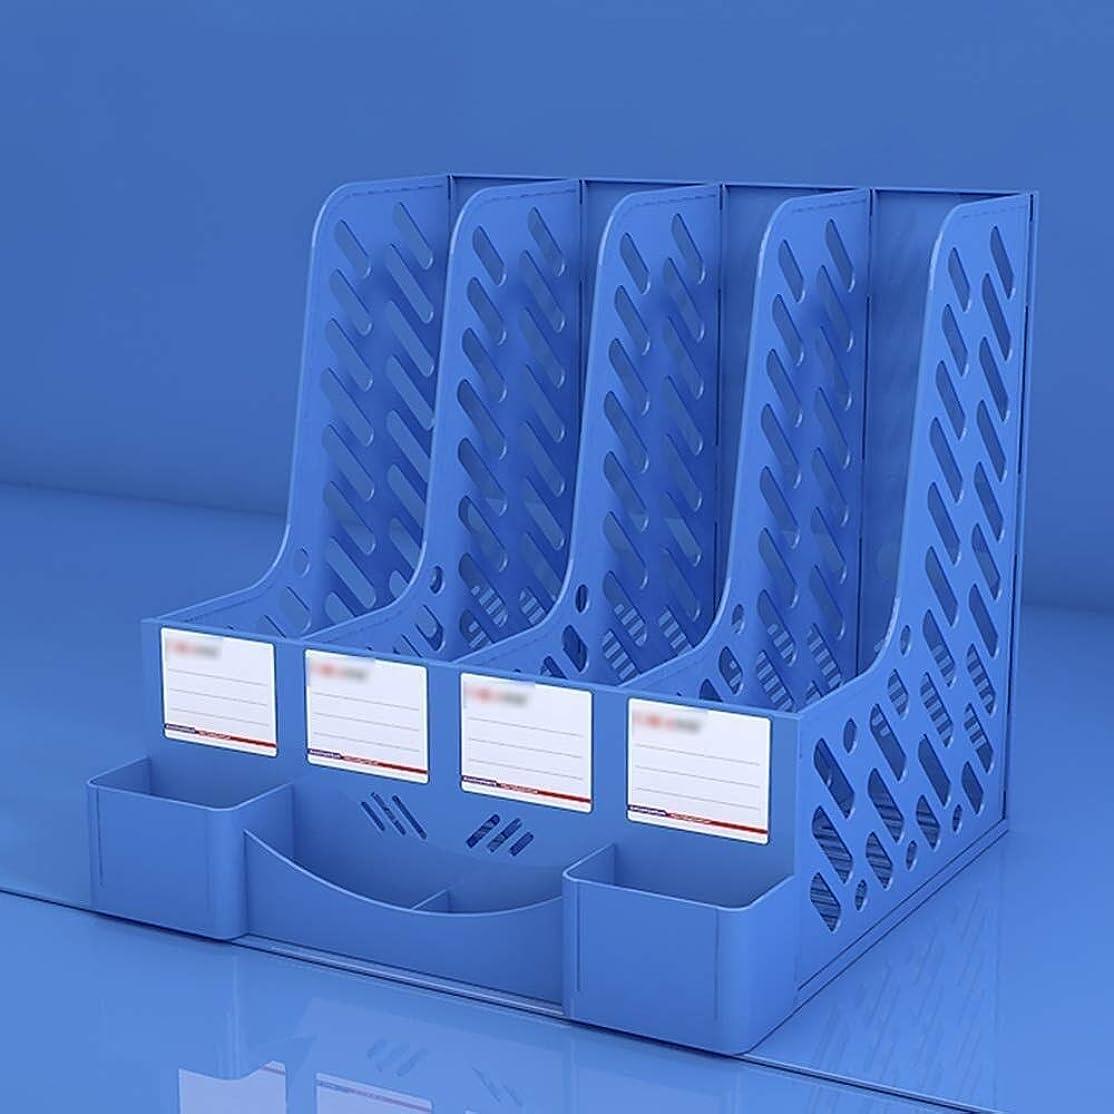 ウィンク初期の超音速XWYSSH主催 ファイルデスクプレスデスク4列のファイルホルダーデスク本棚のストレージボックス XWYSSH